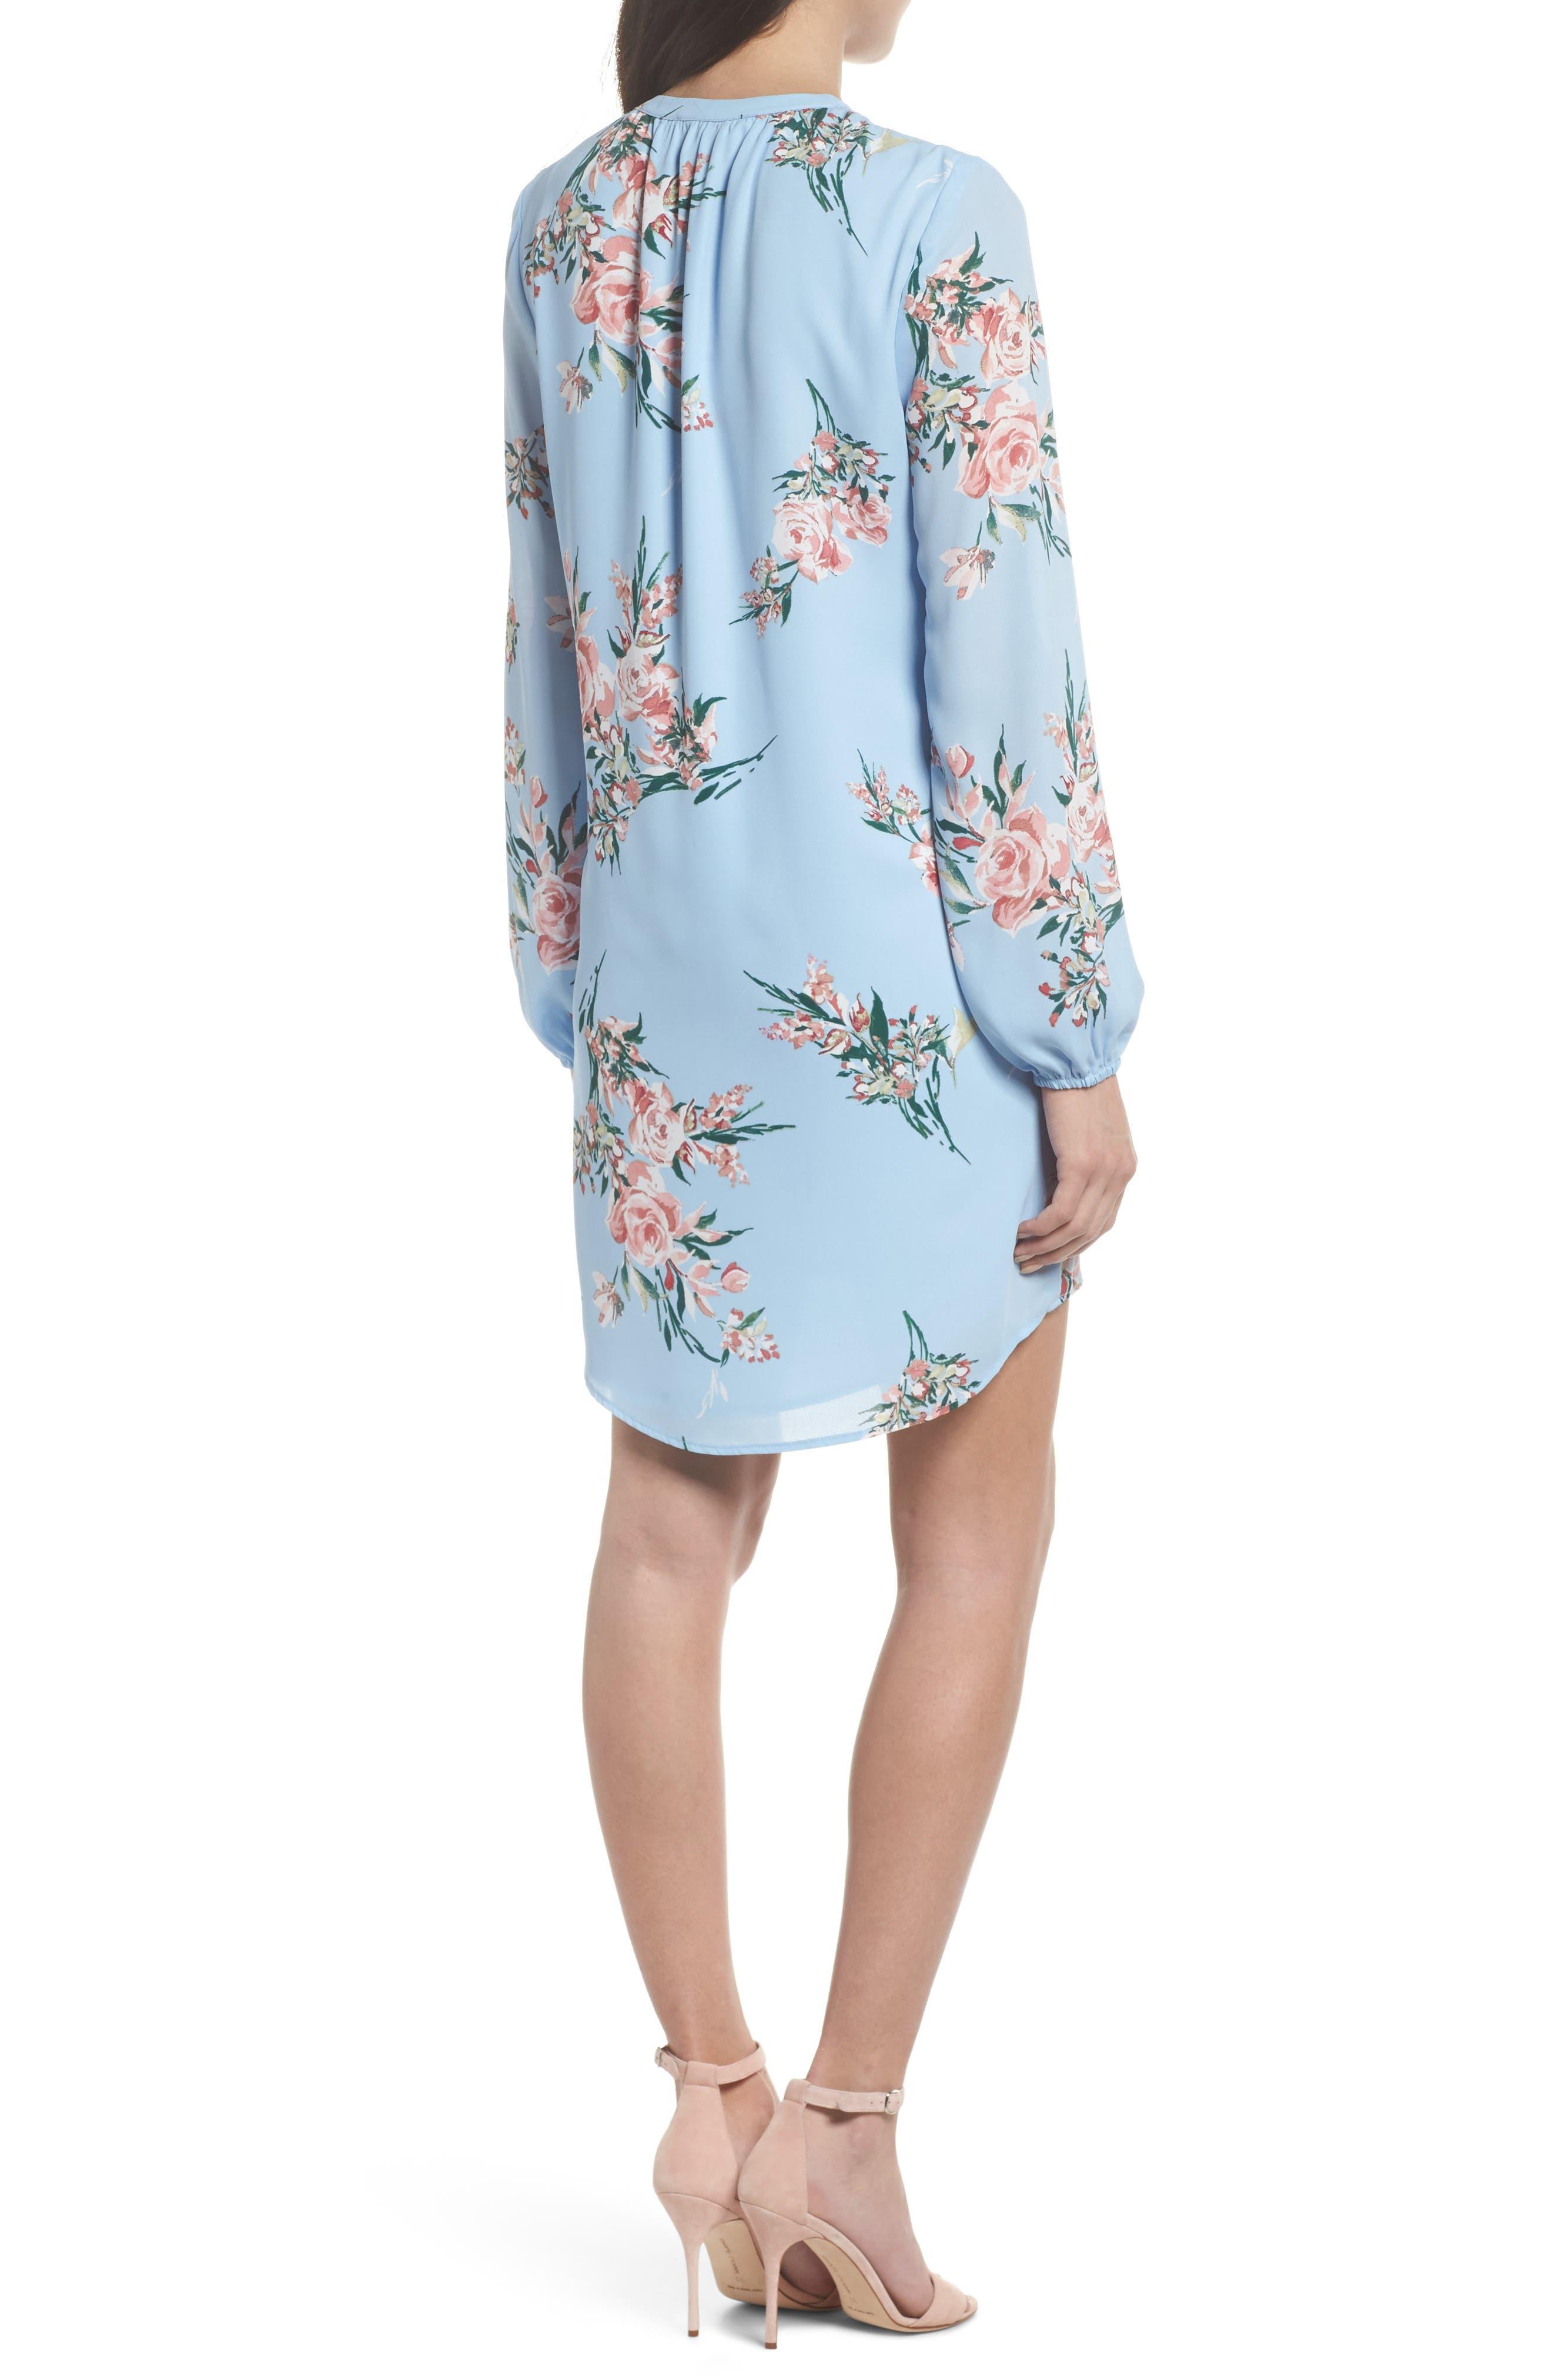 Floral Shift Dress,                             Alternate thumbnail 2, color,                             Blue Floral